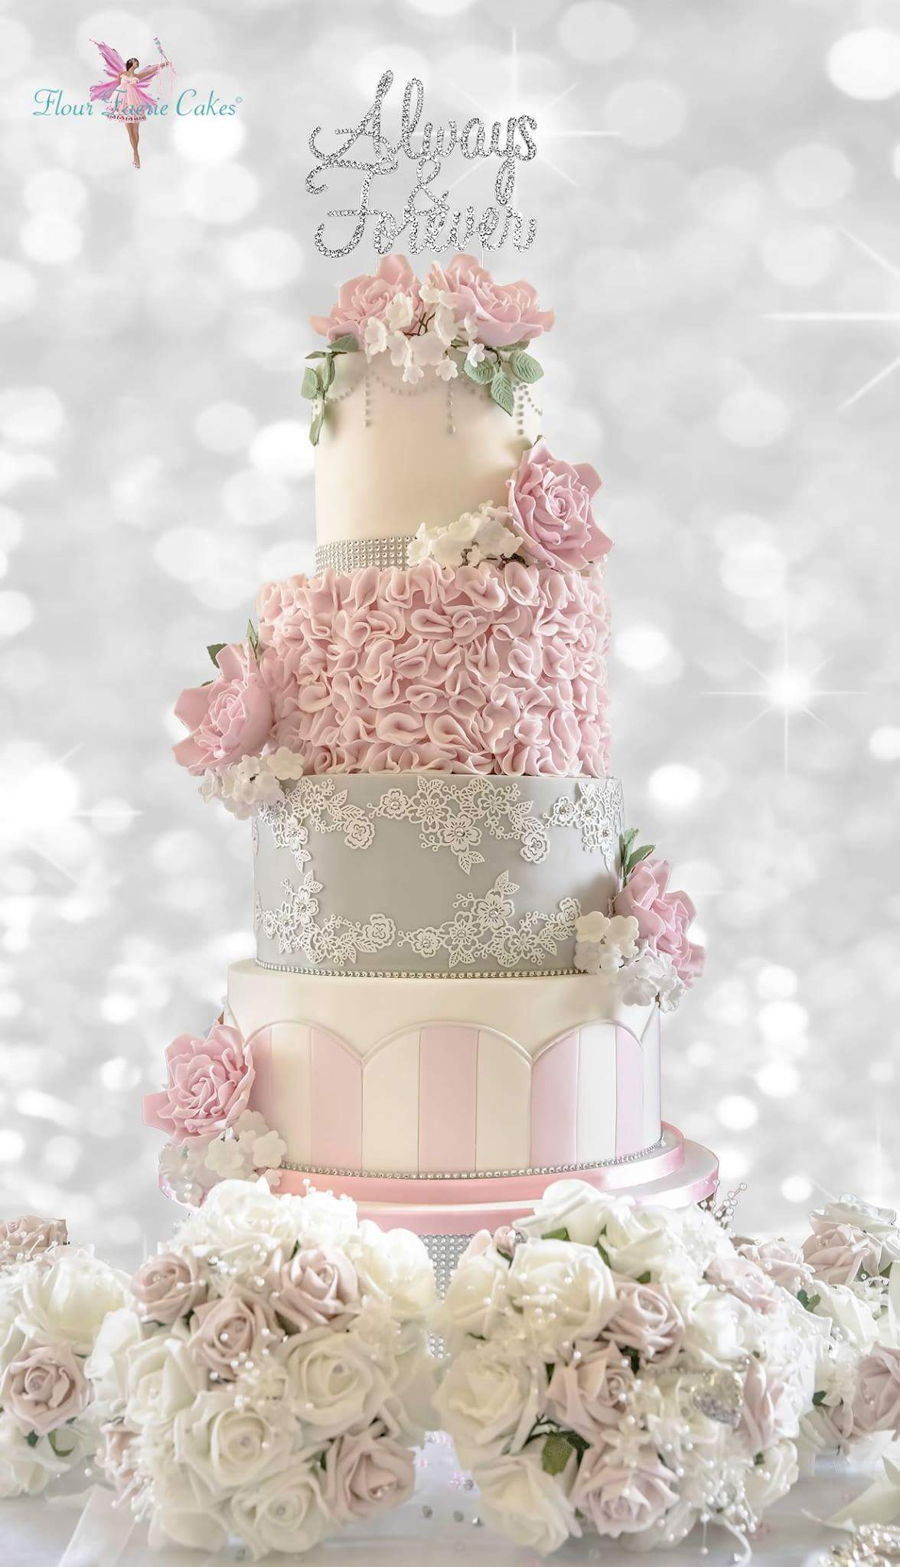 Vintage Themed Wedding Cake - CakeCentral.com